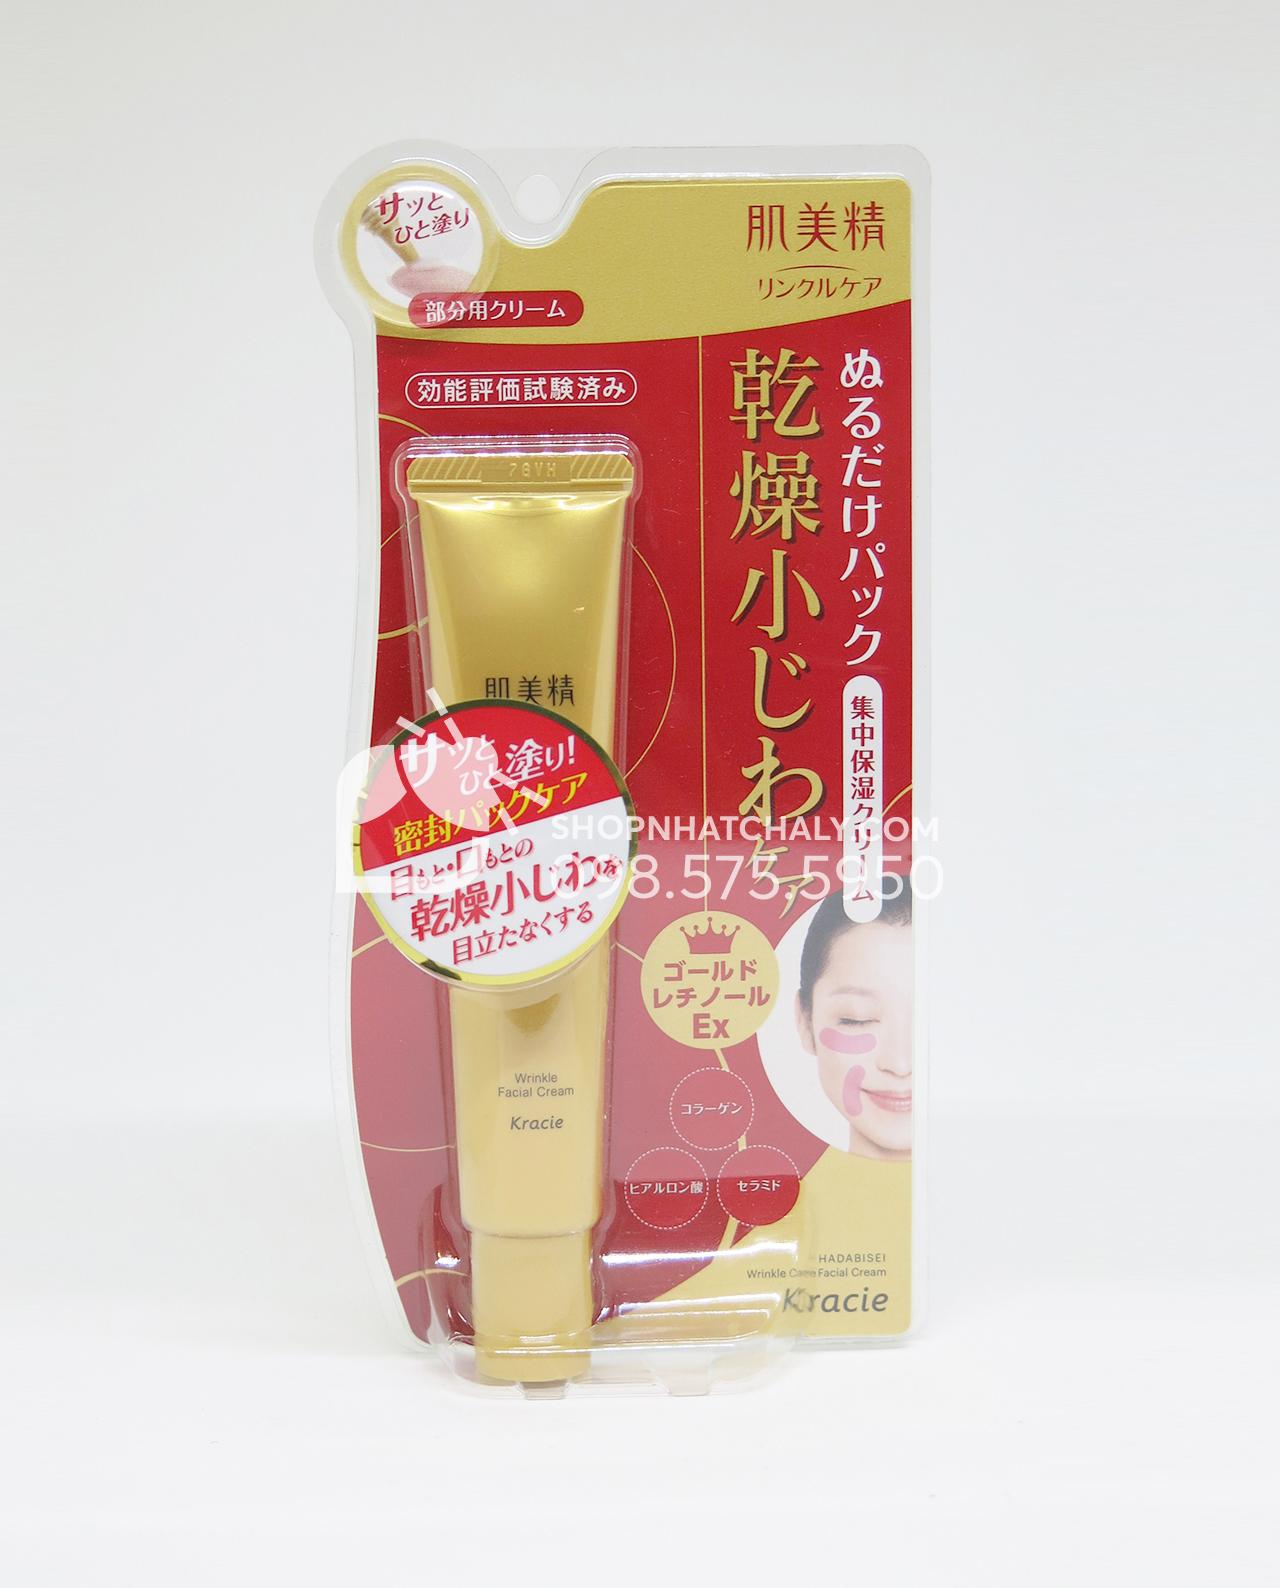 Kem chống nhăn vùng mắt của Nhật Kracie Hadabisei Wrinkle Facial hộp 30gr mẫu cũ